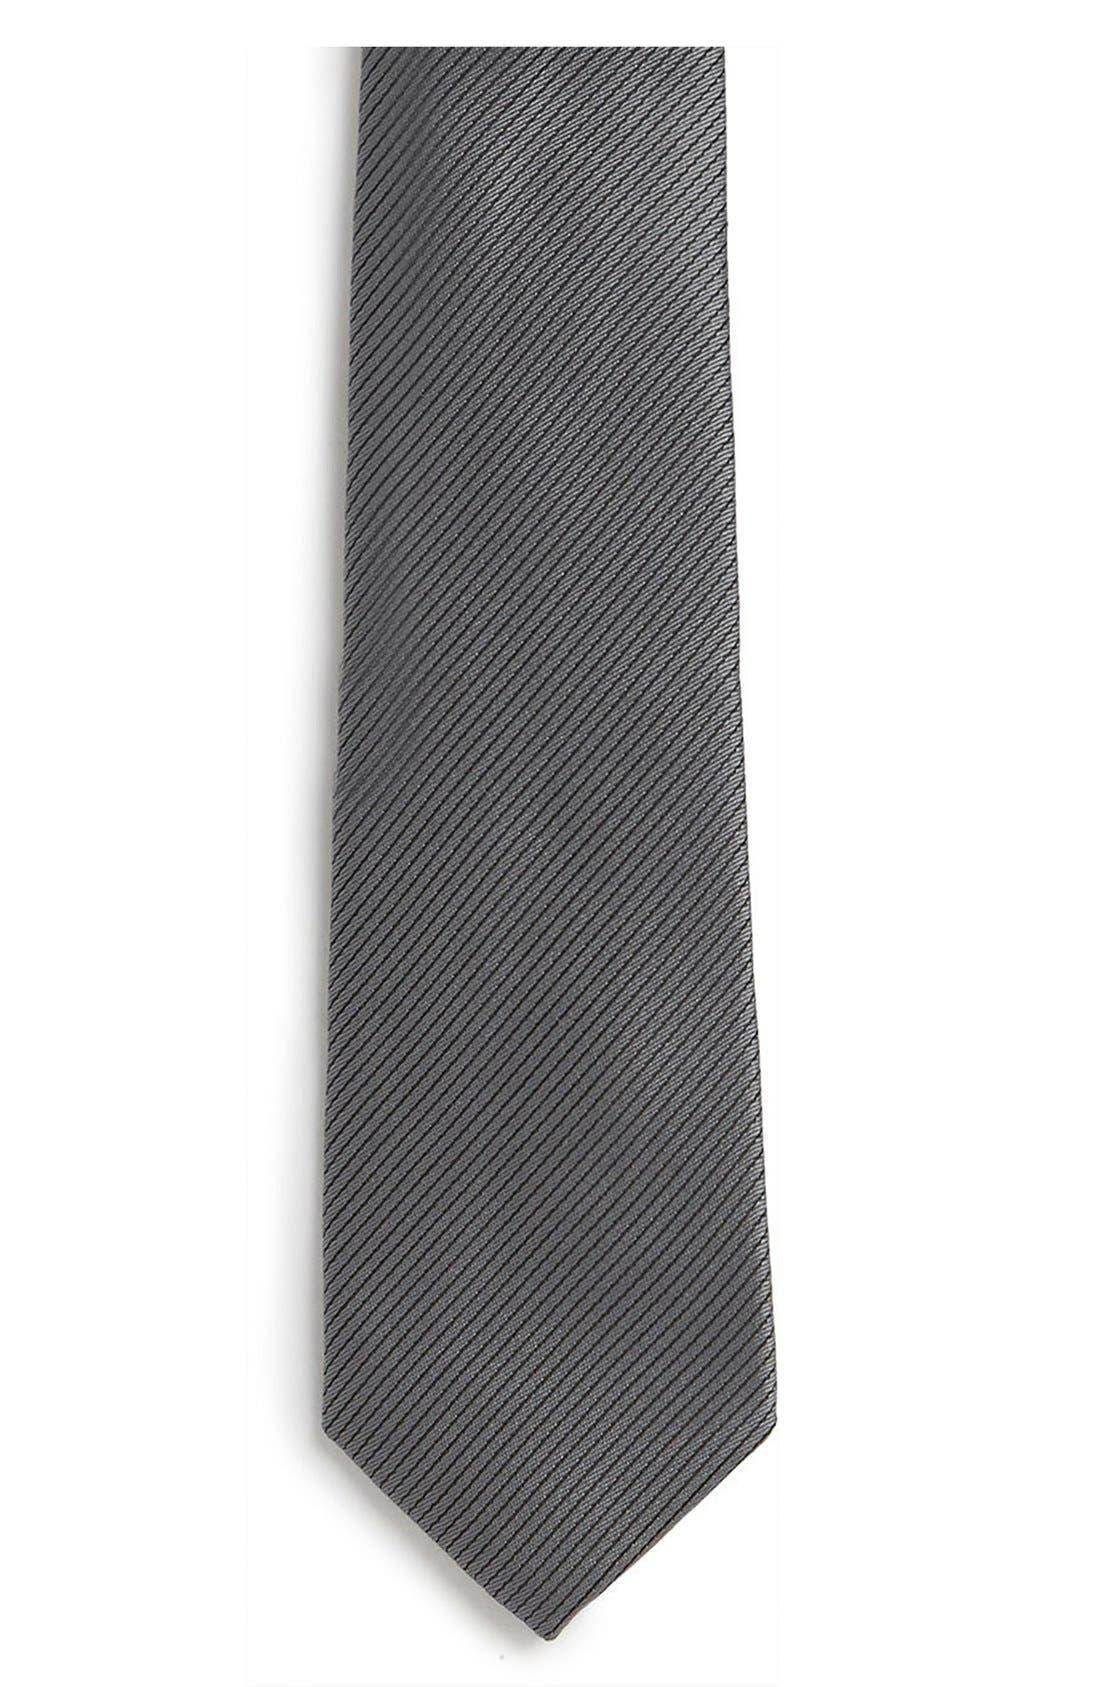 Alternate Image 2  - Topman Slim Stripe Tie